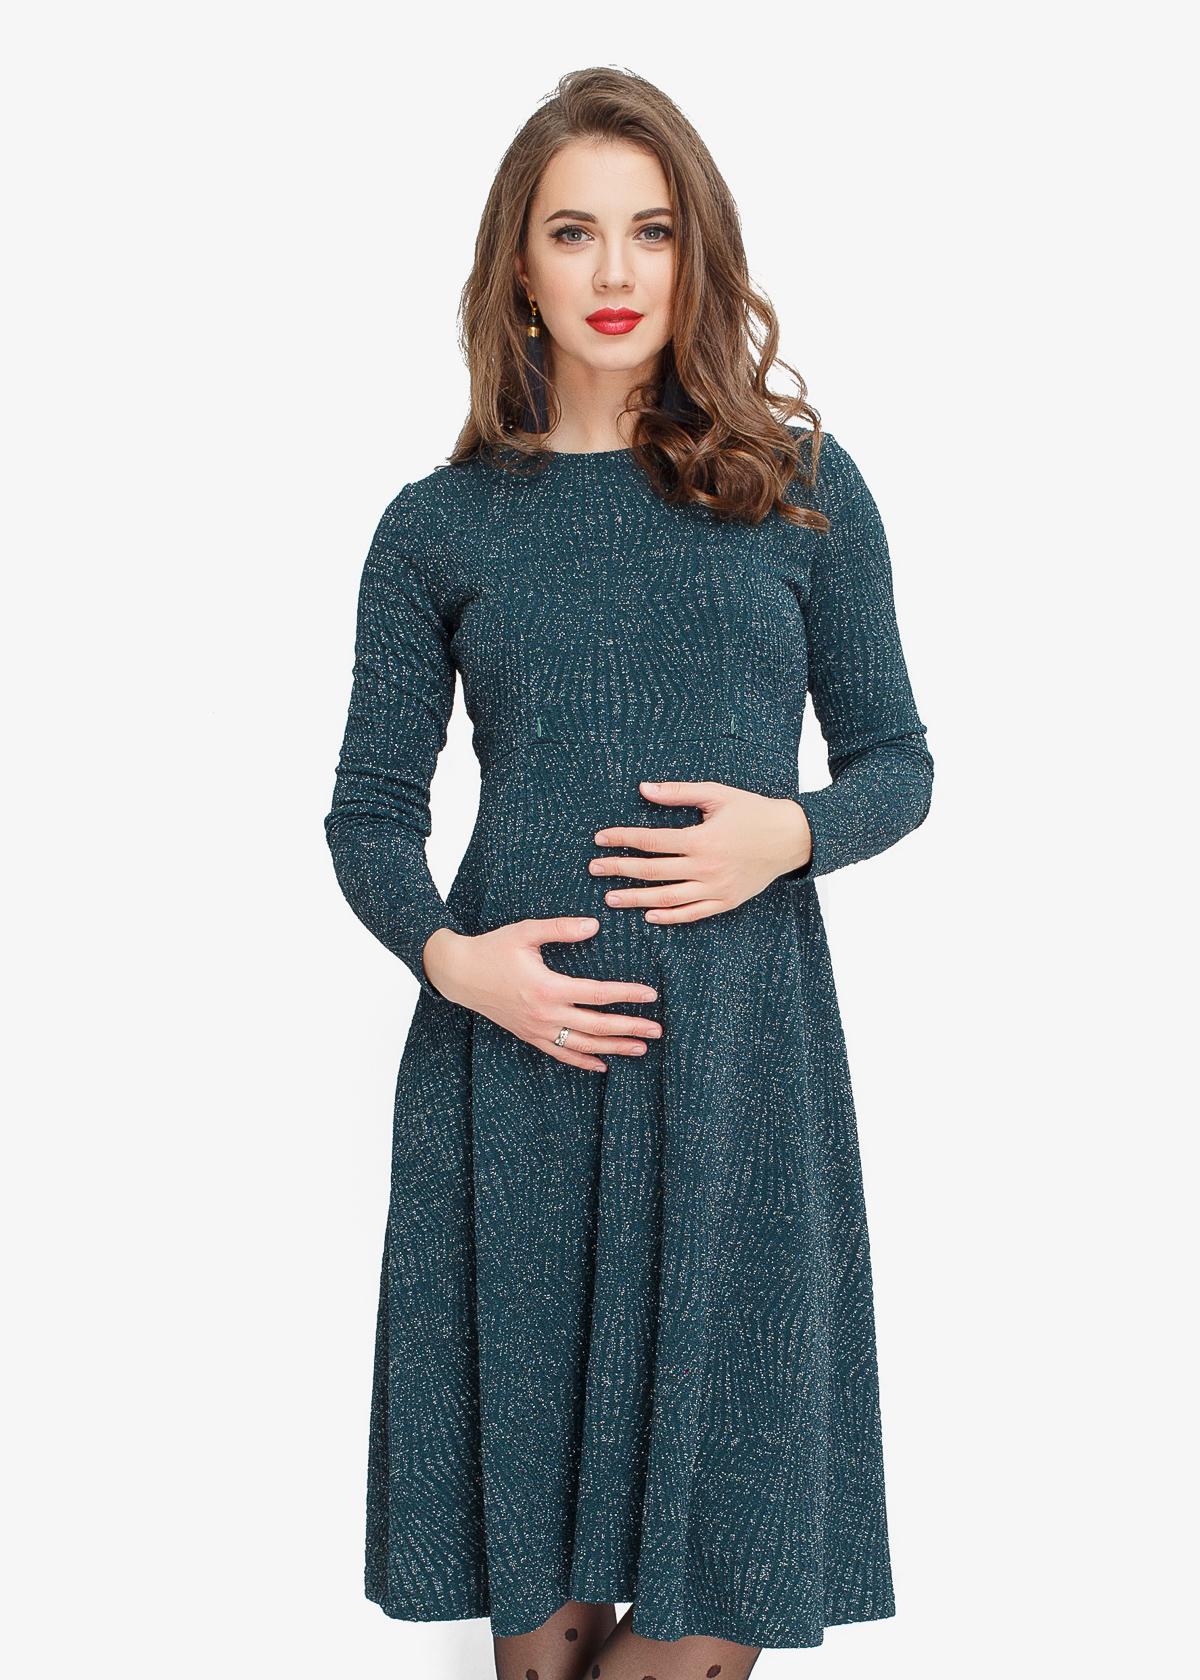 Фото: нарядное платье для беременных женщин Yasya Limited Edition